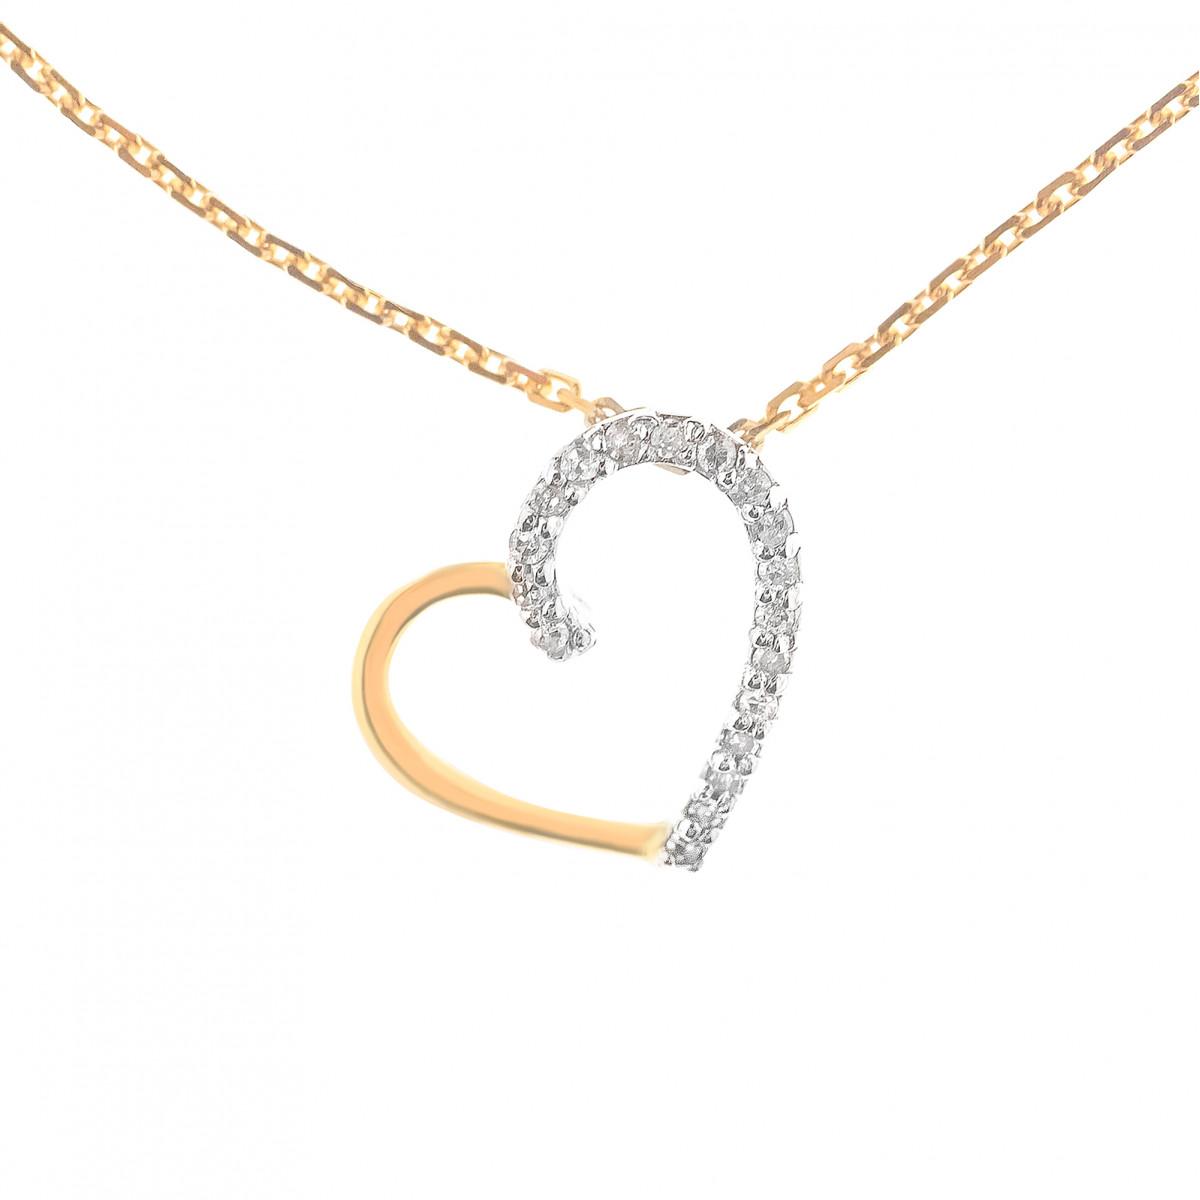 Collier Cœur Précieux Or Jaune 375 et Diamants 0.05ct